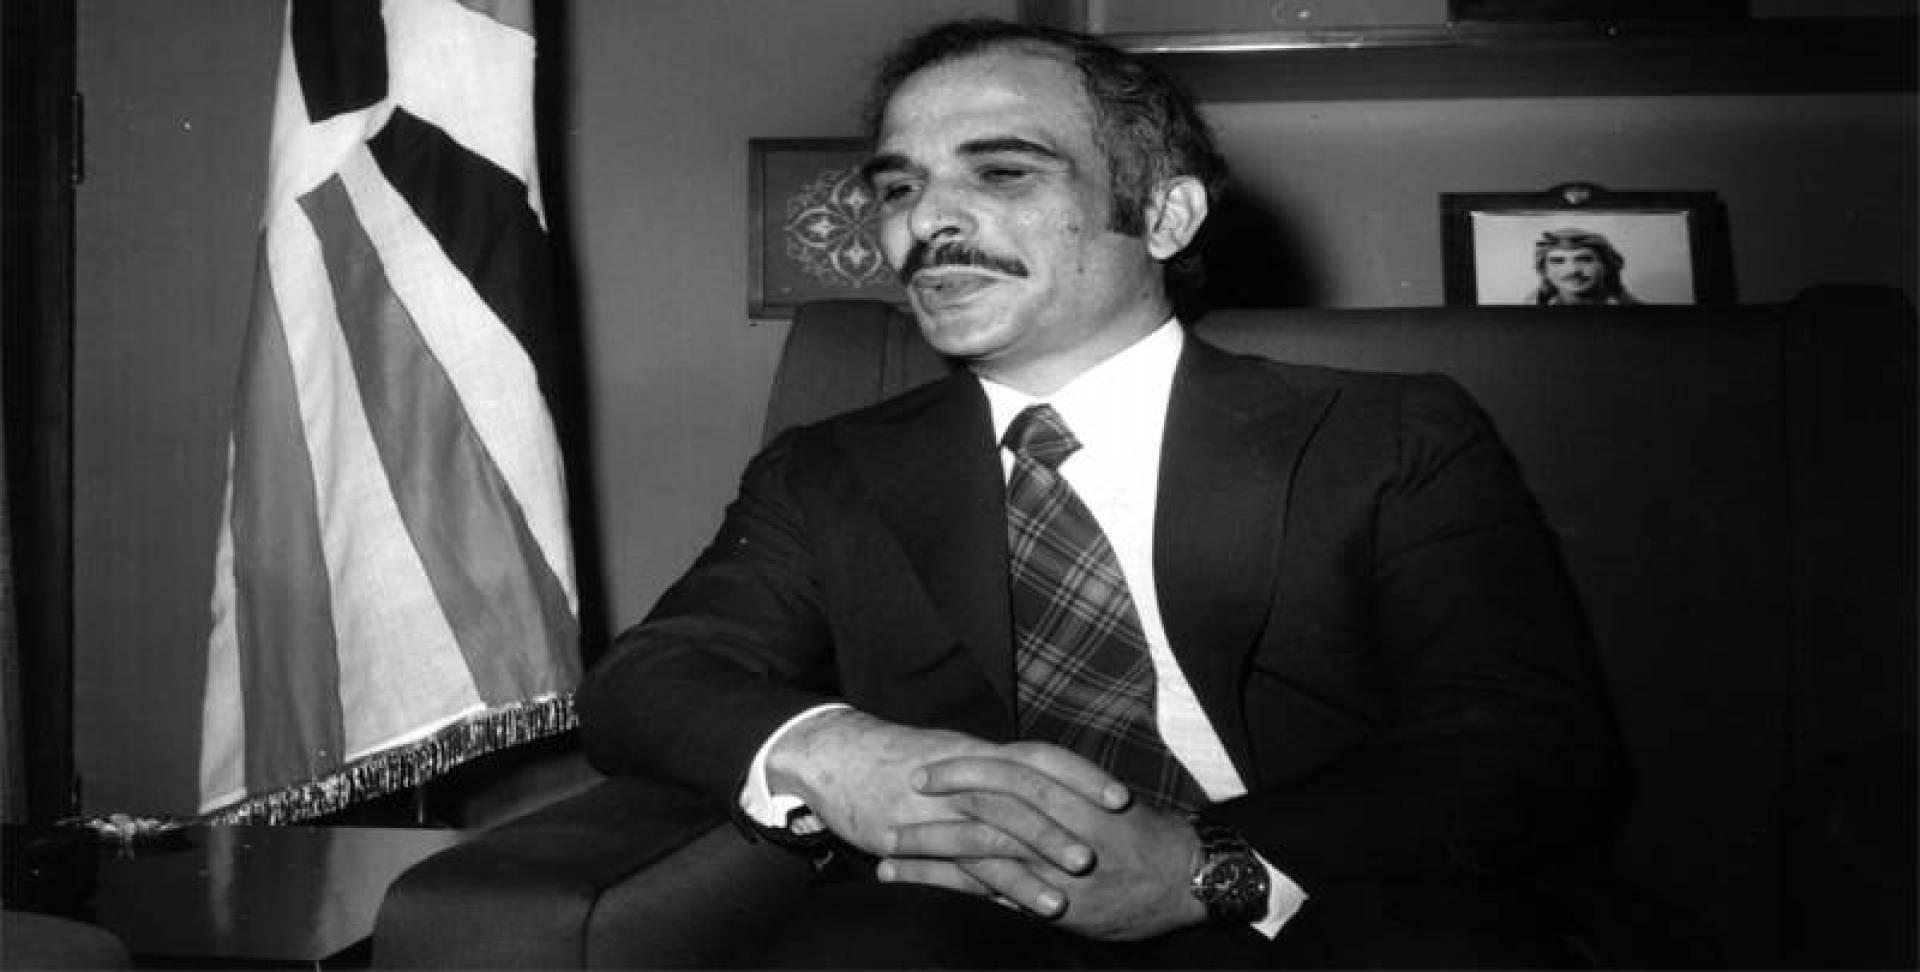 العاهل الأردني الملك حسين.. أرشيفية